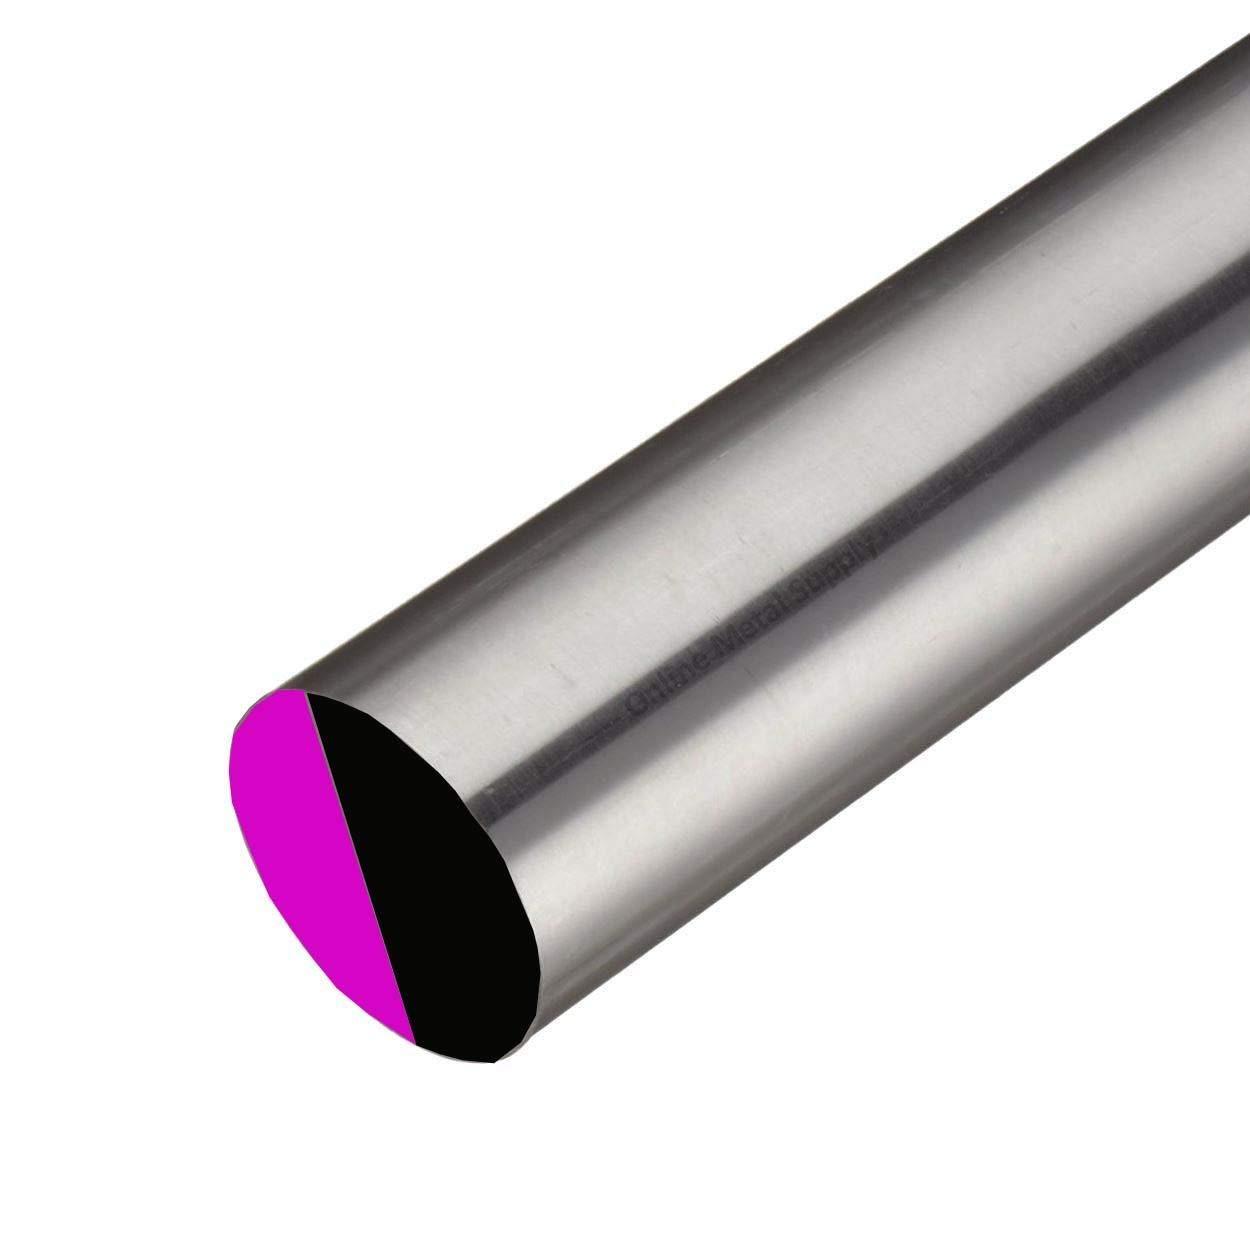 Online Metal Supply Alloy 625 Nickel Round Rod, 2.250 (2-1/4 inch) x 10 inches by Online Metal Supply